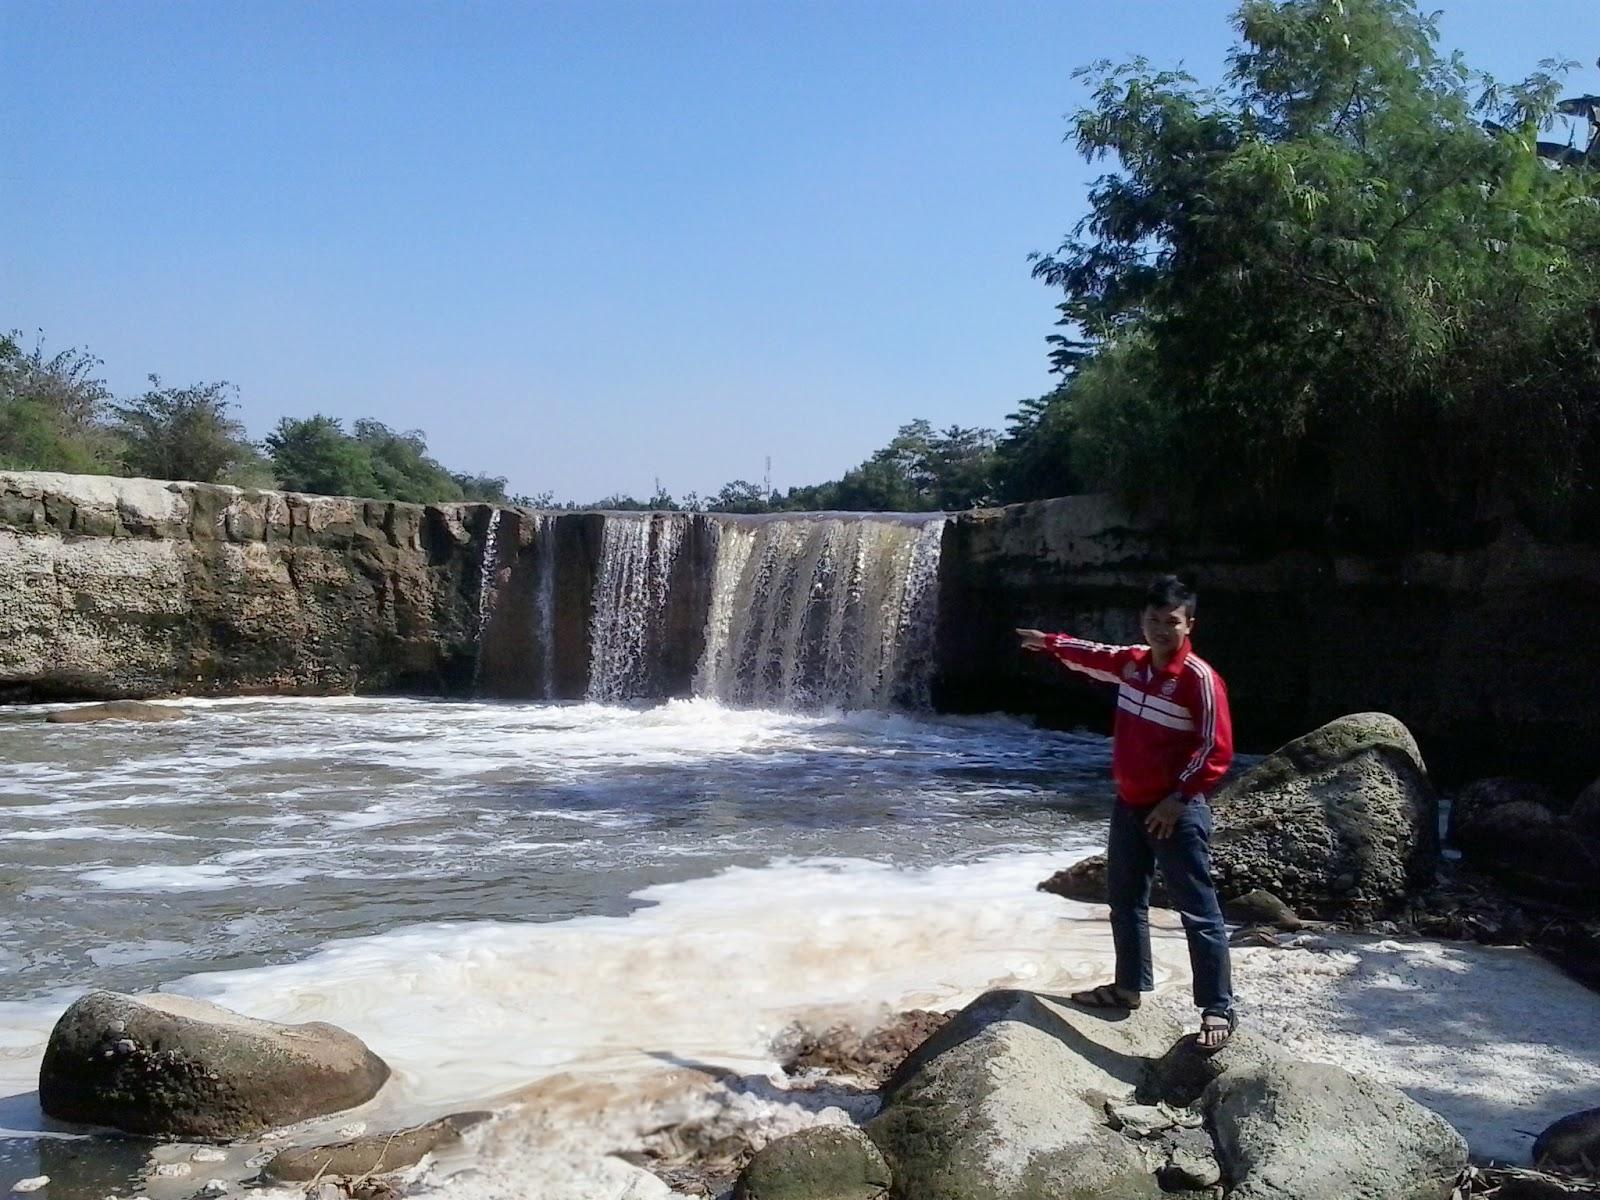 waterfall adventure bekasi trip to curug parigi bekasi rh waterfalladventurebekasi blogspot com